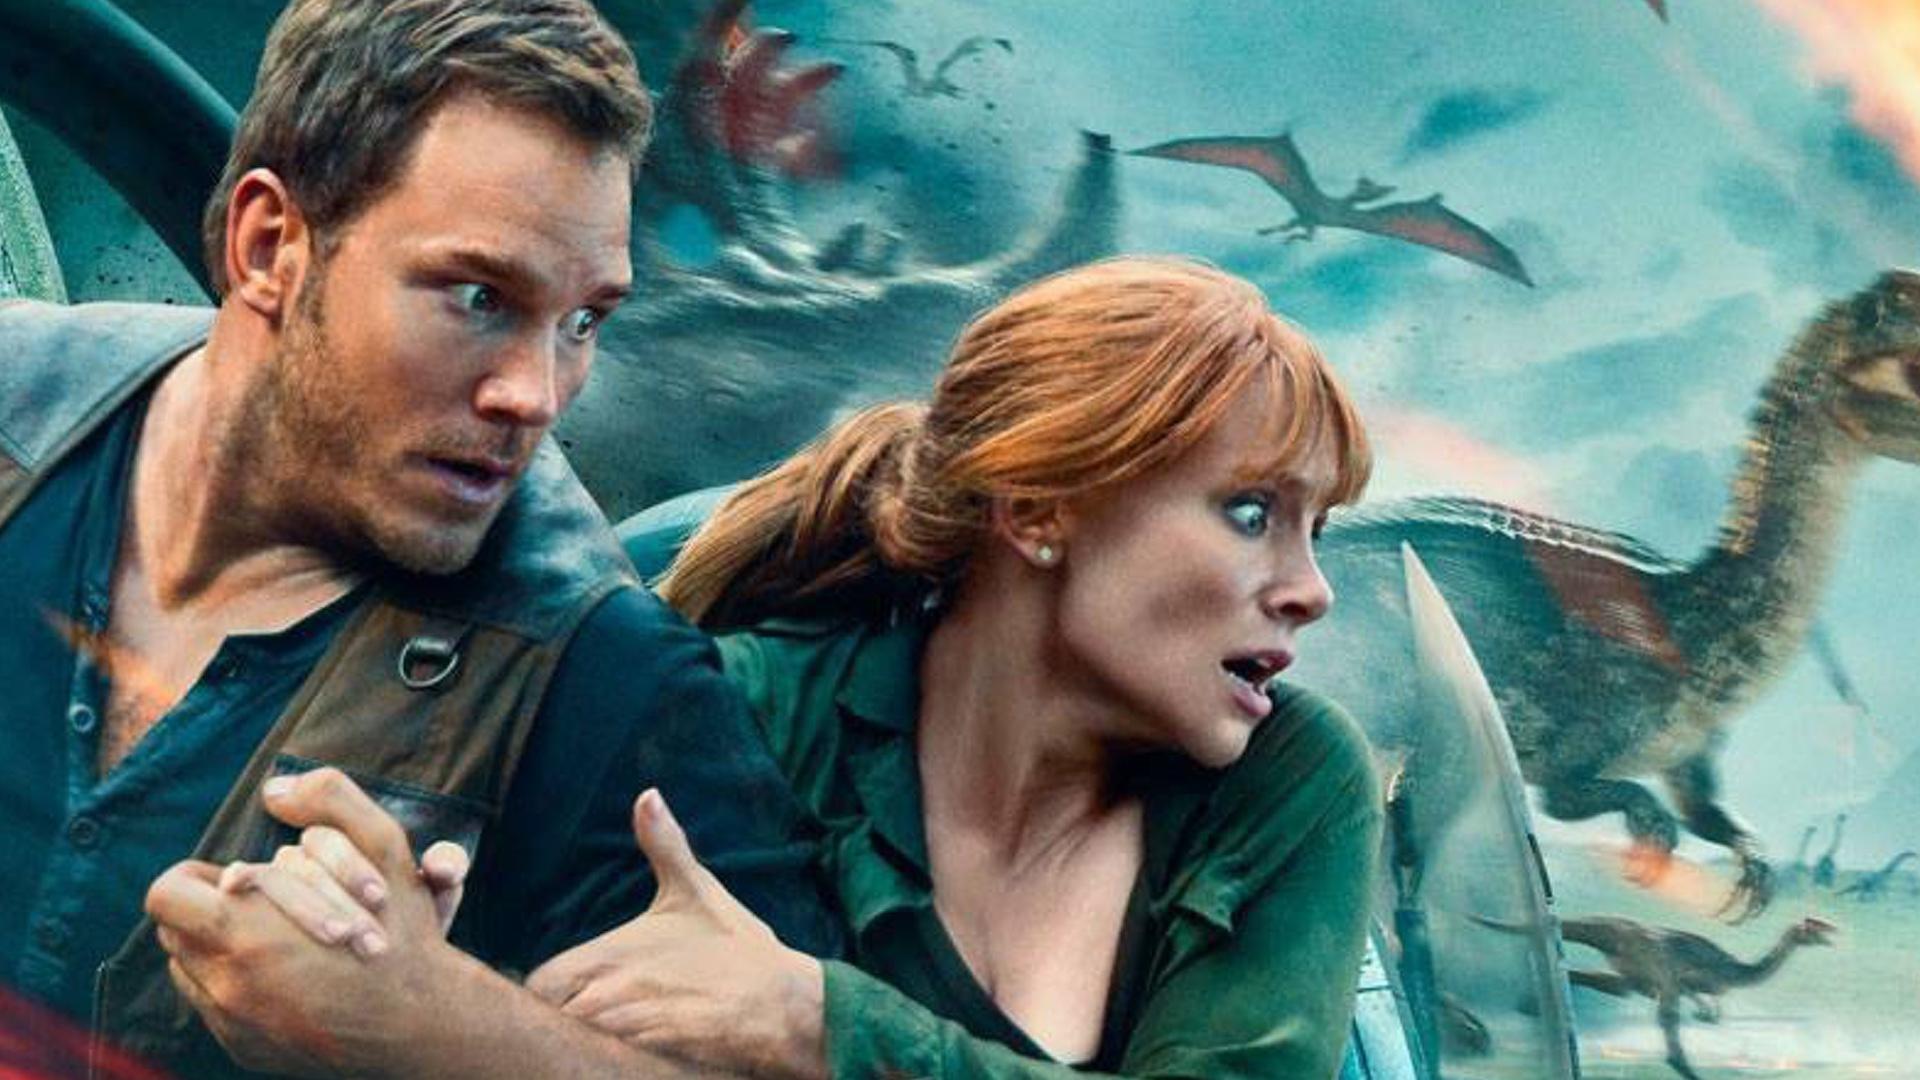 Promo Spot For Jurassic World Fallen Kingdom Full